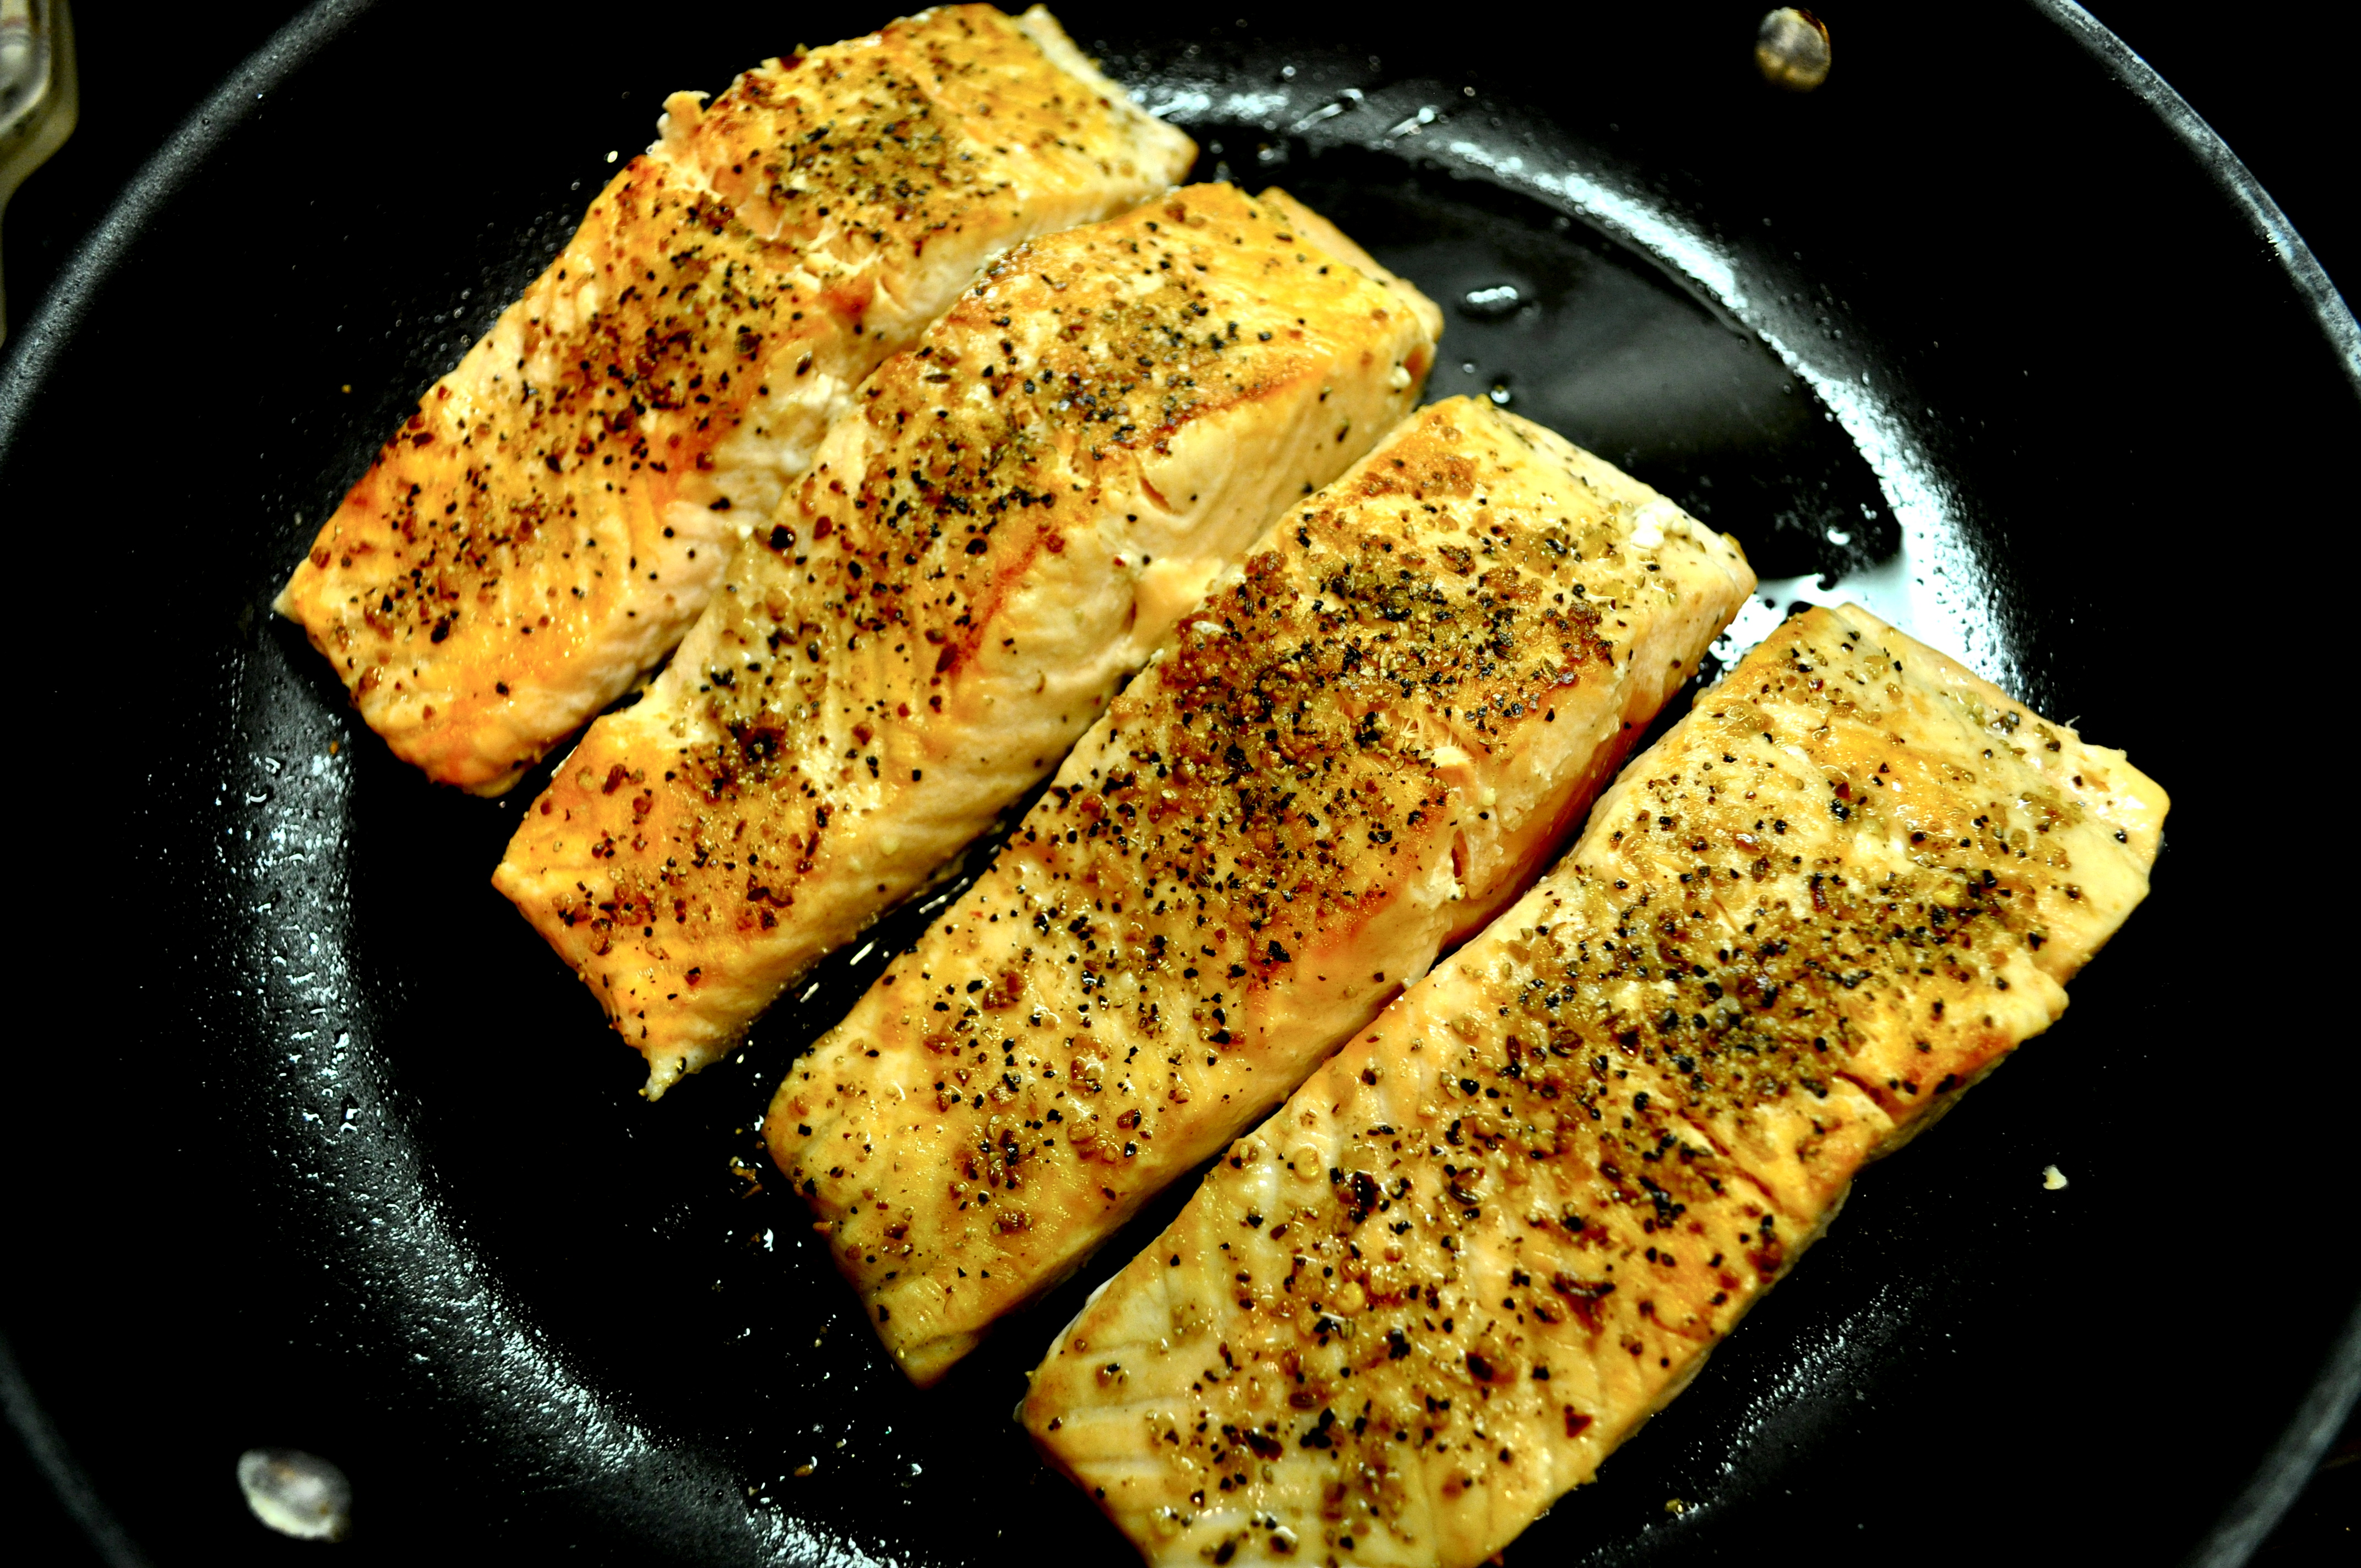 honey glazed salmon with caramelized figs